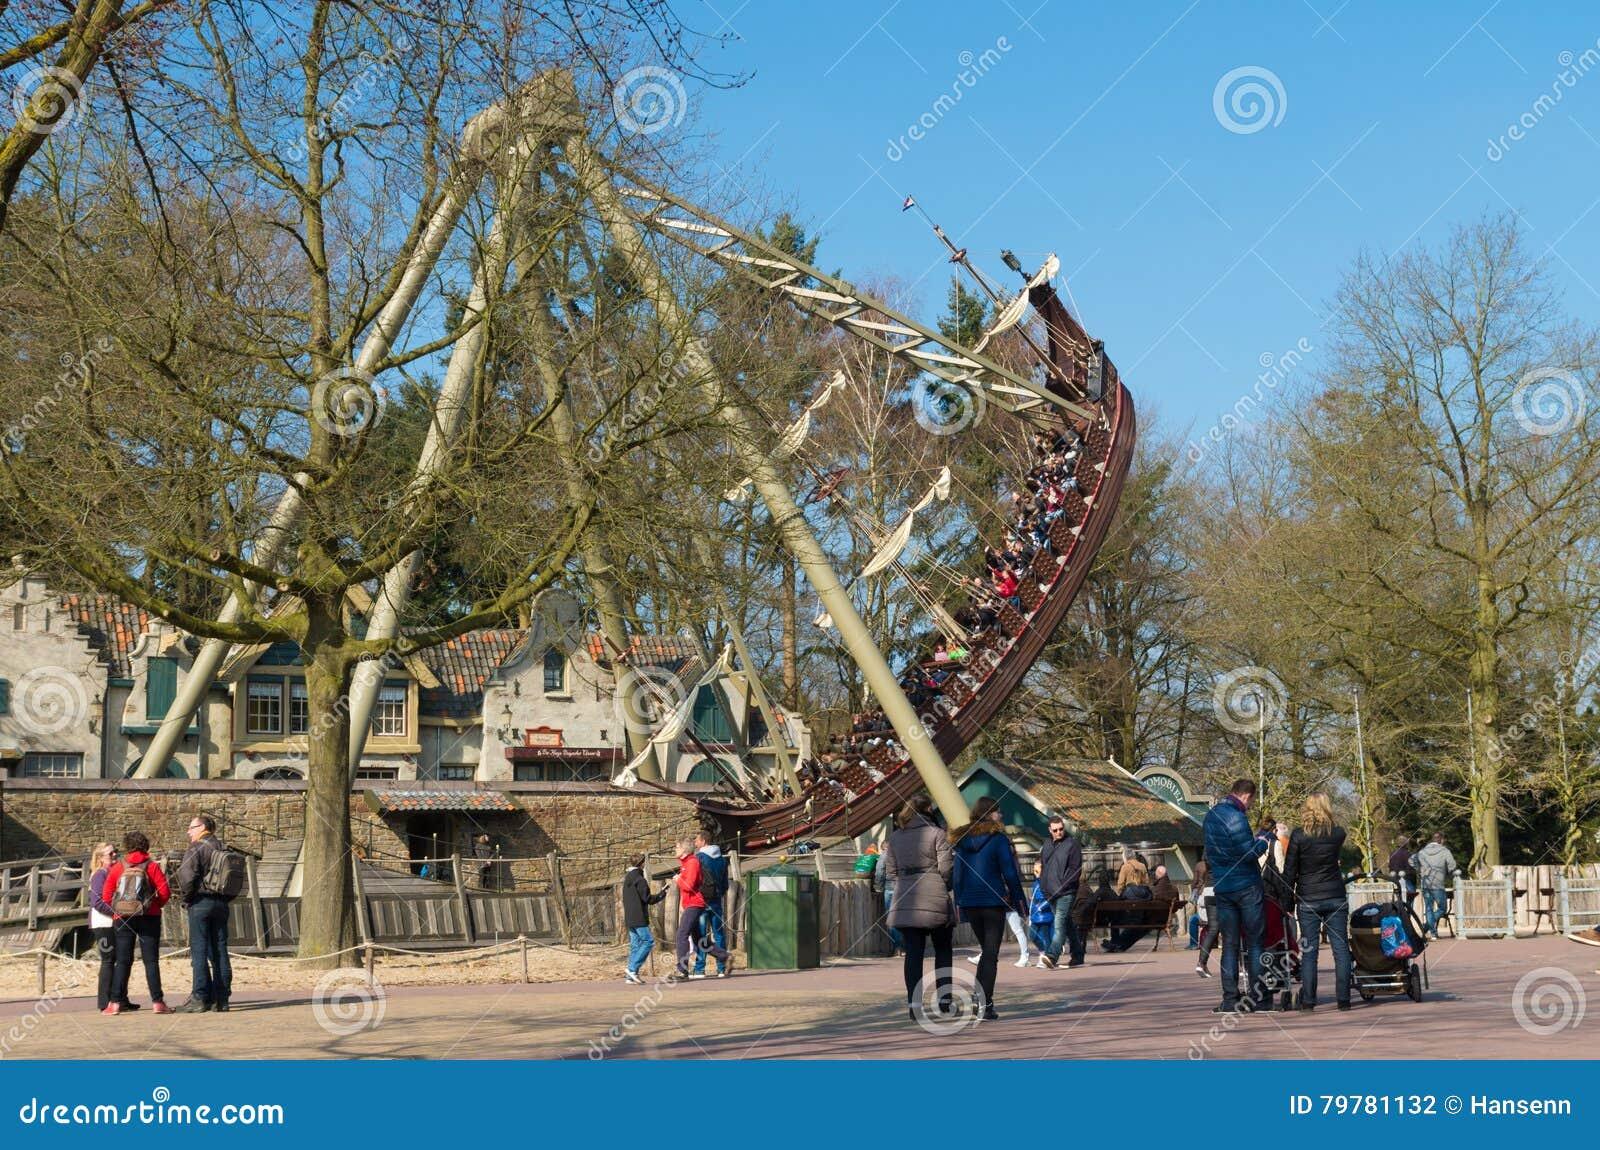 Themapark Efteling in Nederland